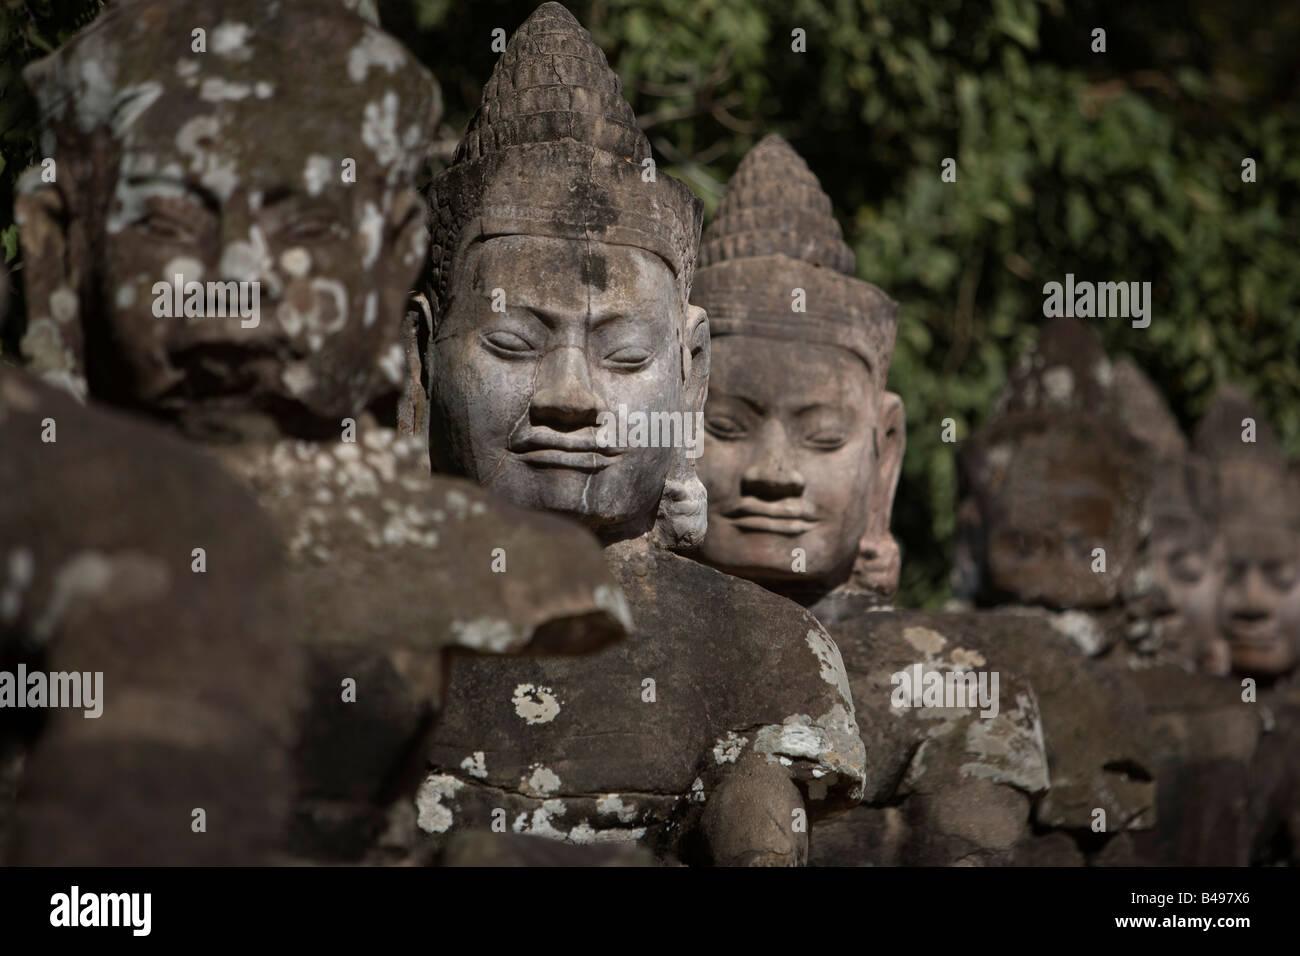 Statues lining main gates of ancient city, Angkor Wat, Cambodia - Stock Image